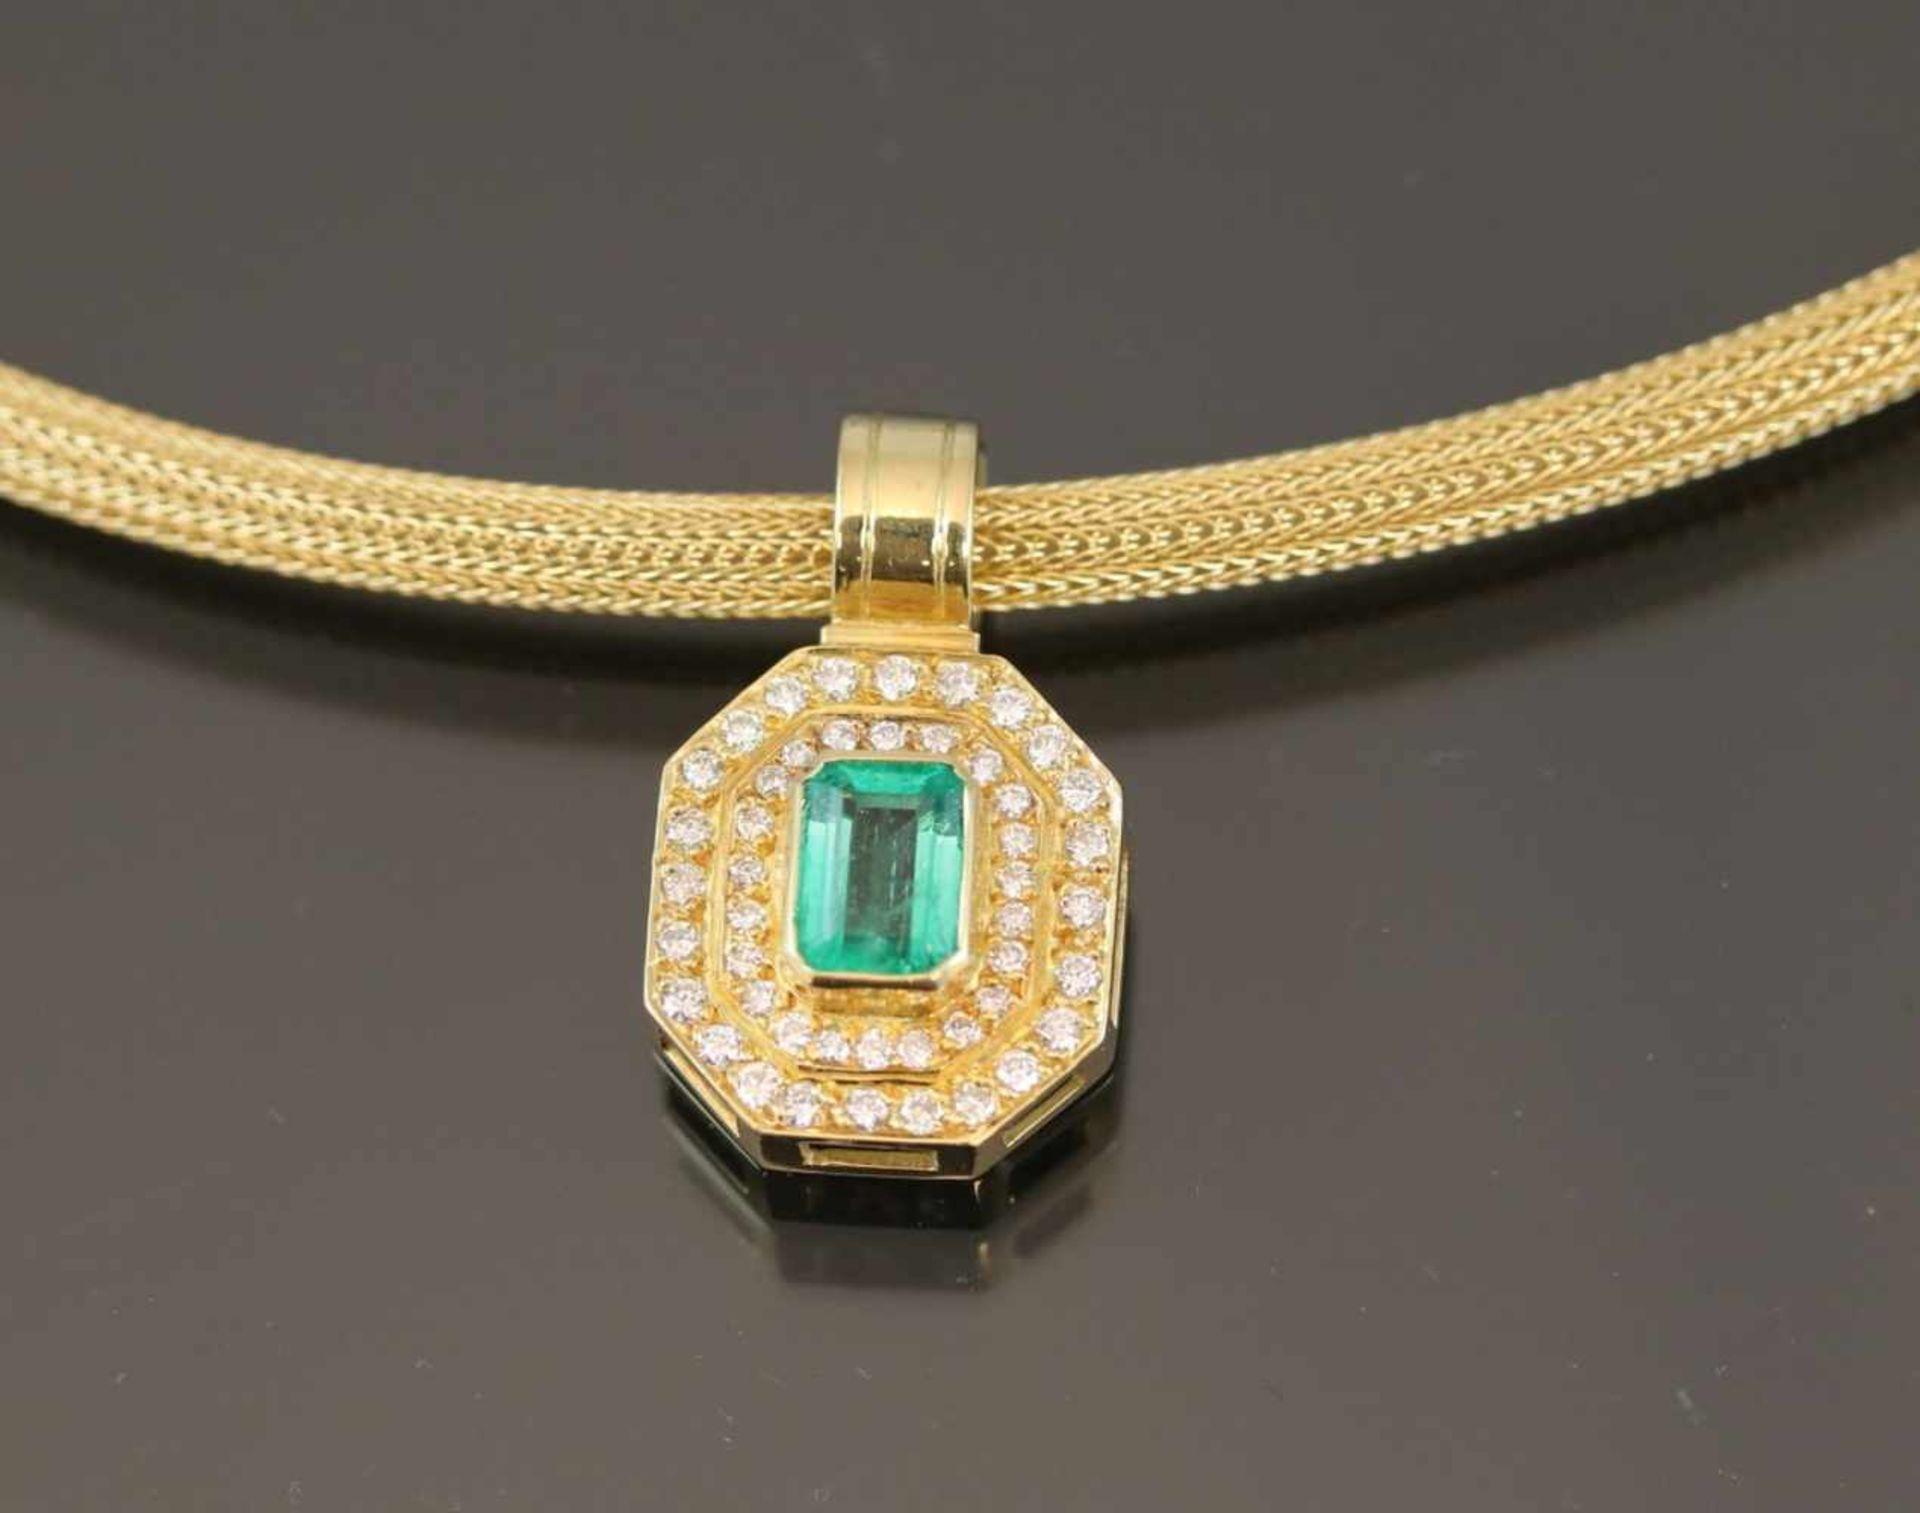 Smaragd-Brillant-Set, 750 Gelbgold34,9 Gramm Brillanten, 1,14 ct., tw/vvsi. Set besteht aus einem - Bild 4 aus 7